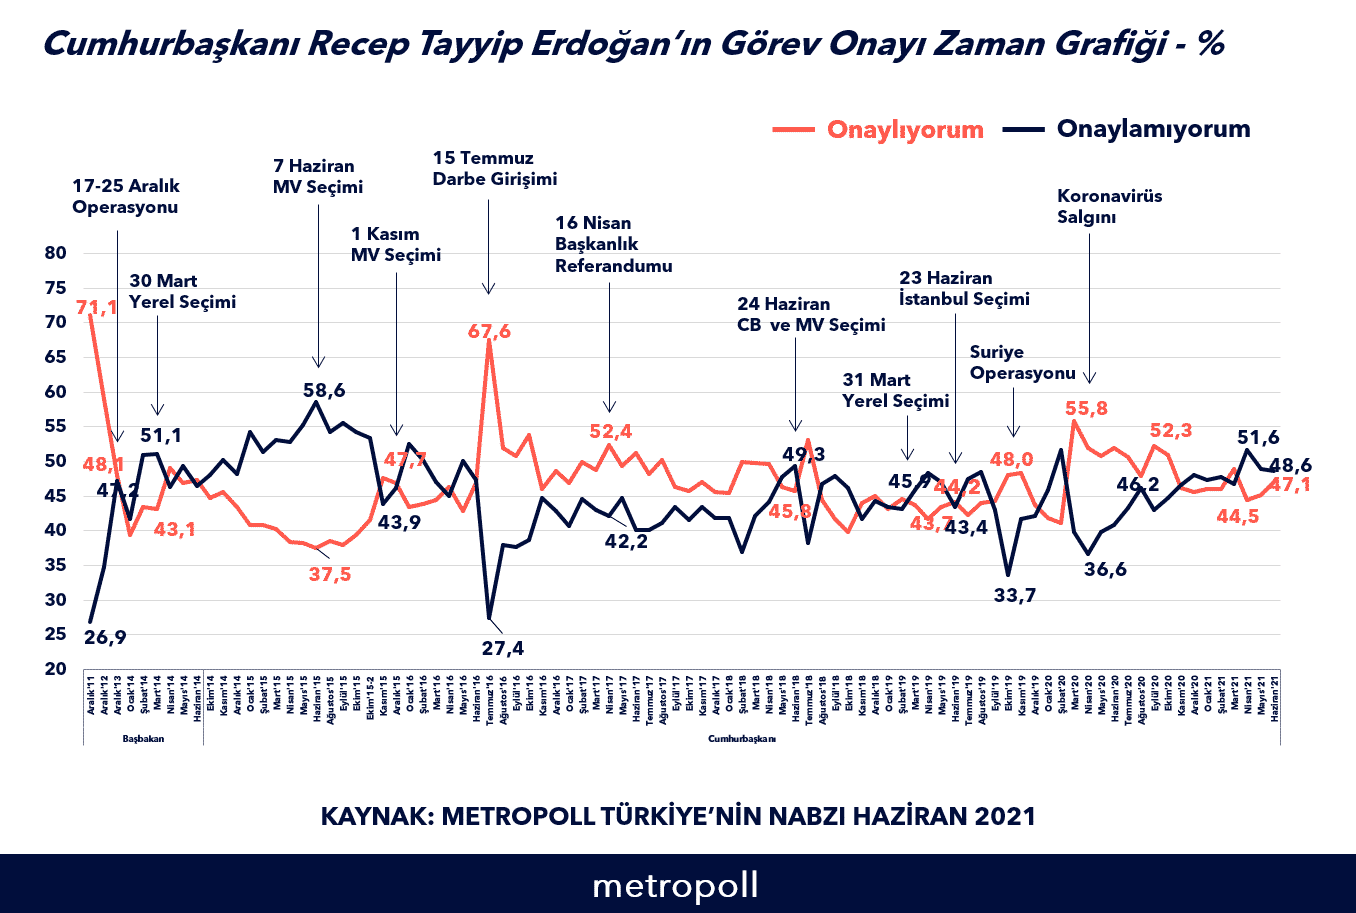 erdoğan görev onayı